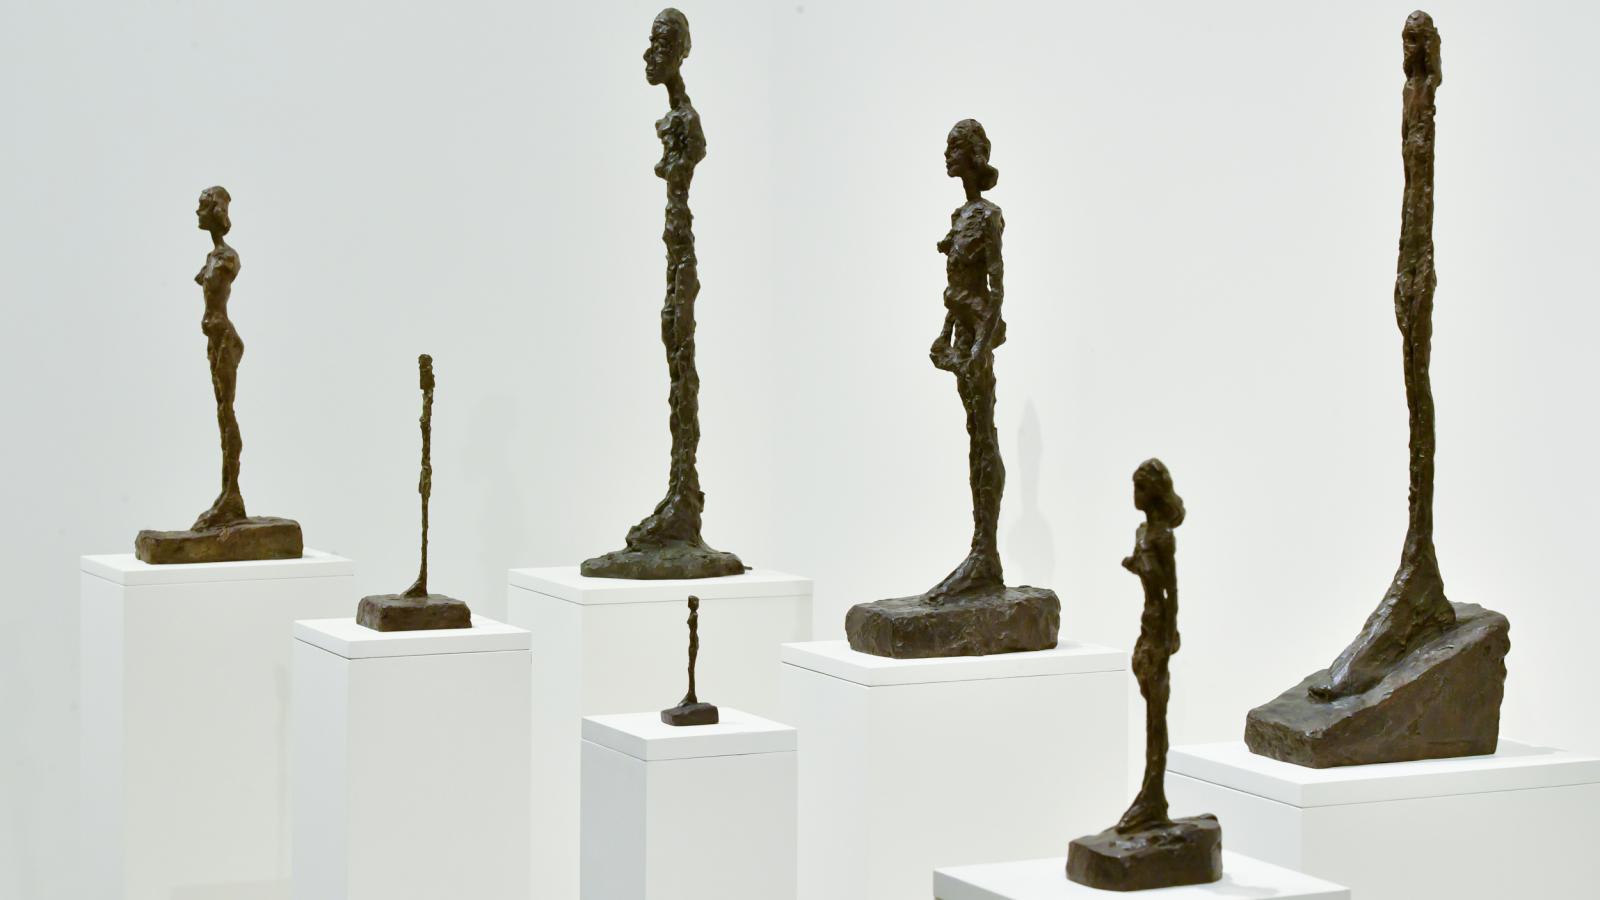 Retrospektivní výstava Alberta Giacomettiho v Praze